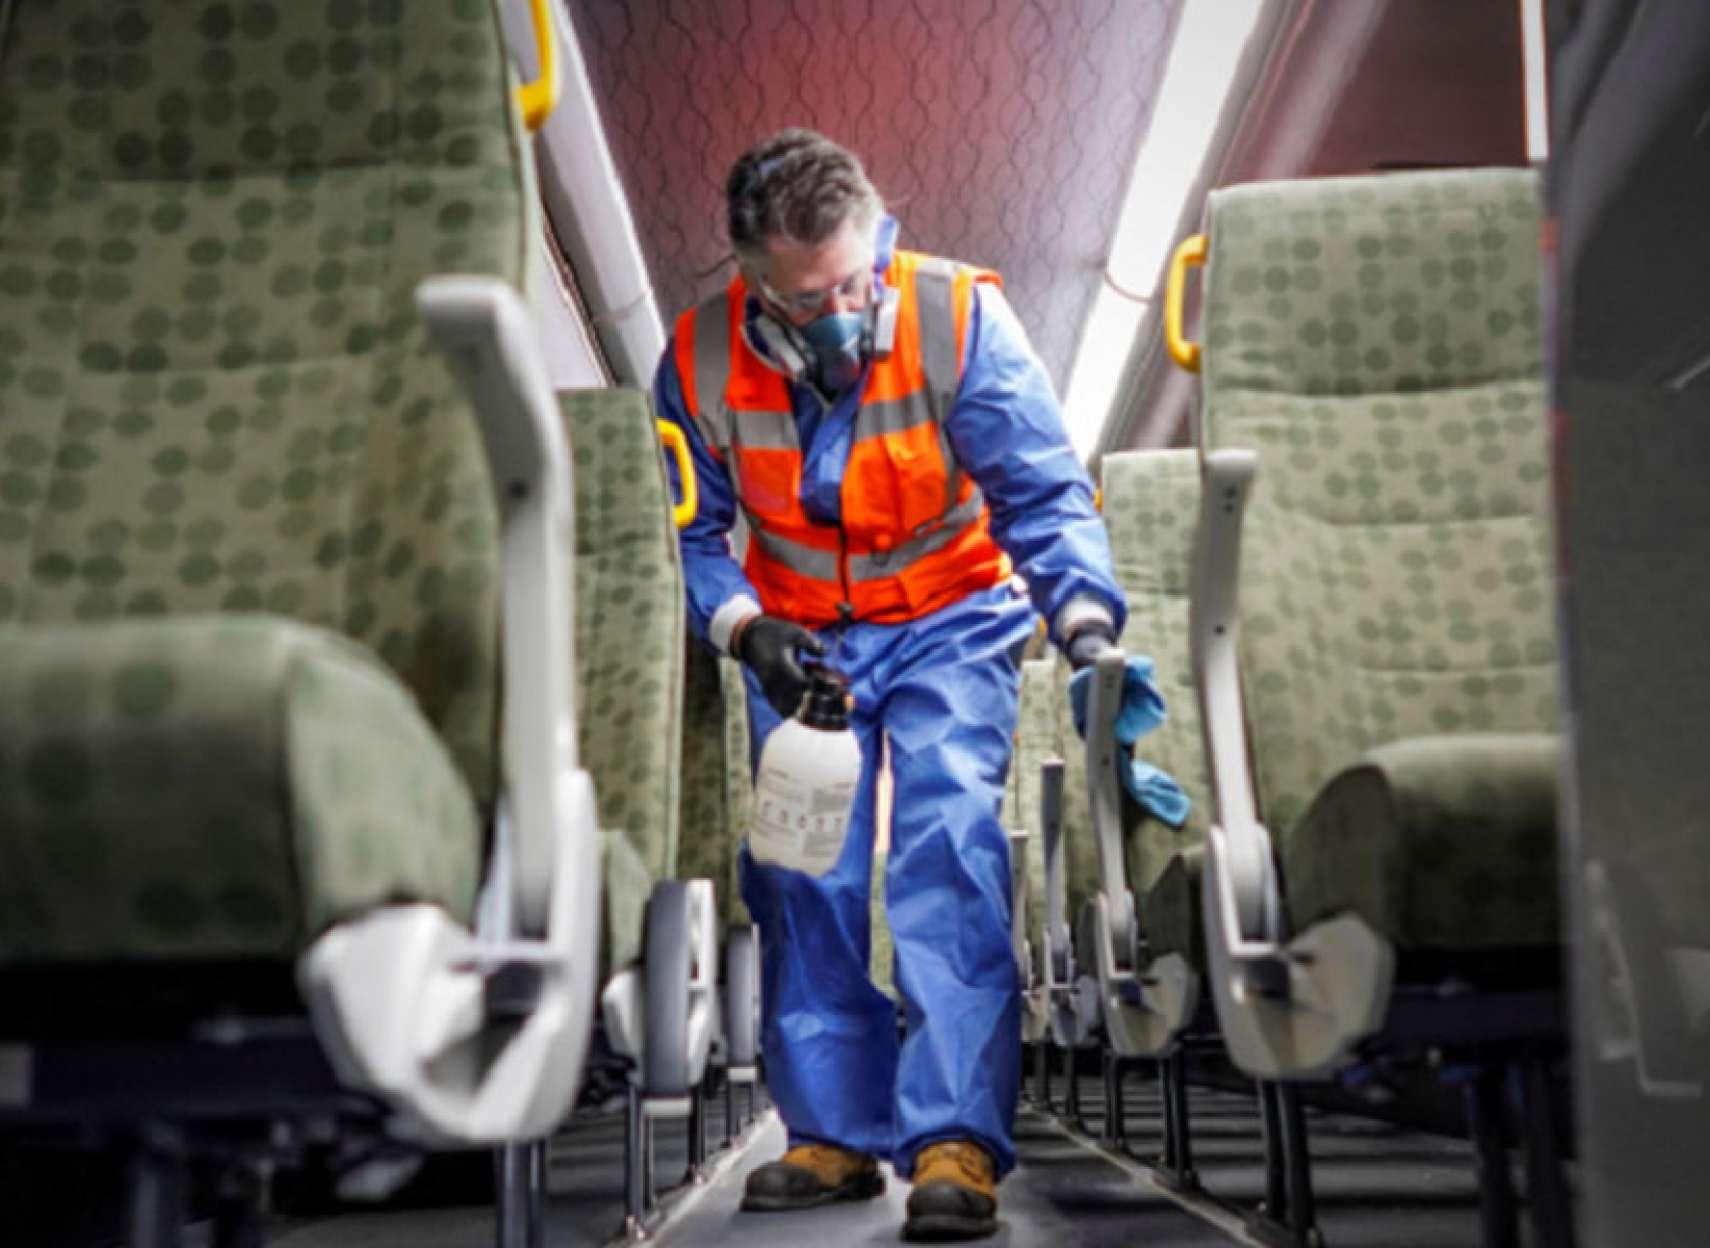 اخبار-کانادا-یک-مسافر-اتوبوسی-که-با-زن-ایرانی-مبتلا-به-کرونا-از-فرودگاه-بازگشته-بود-کرونا-گرفت